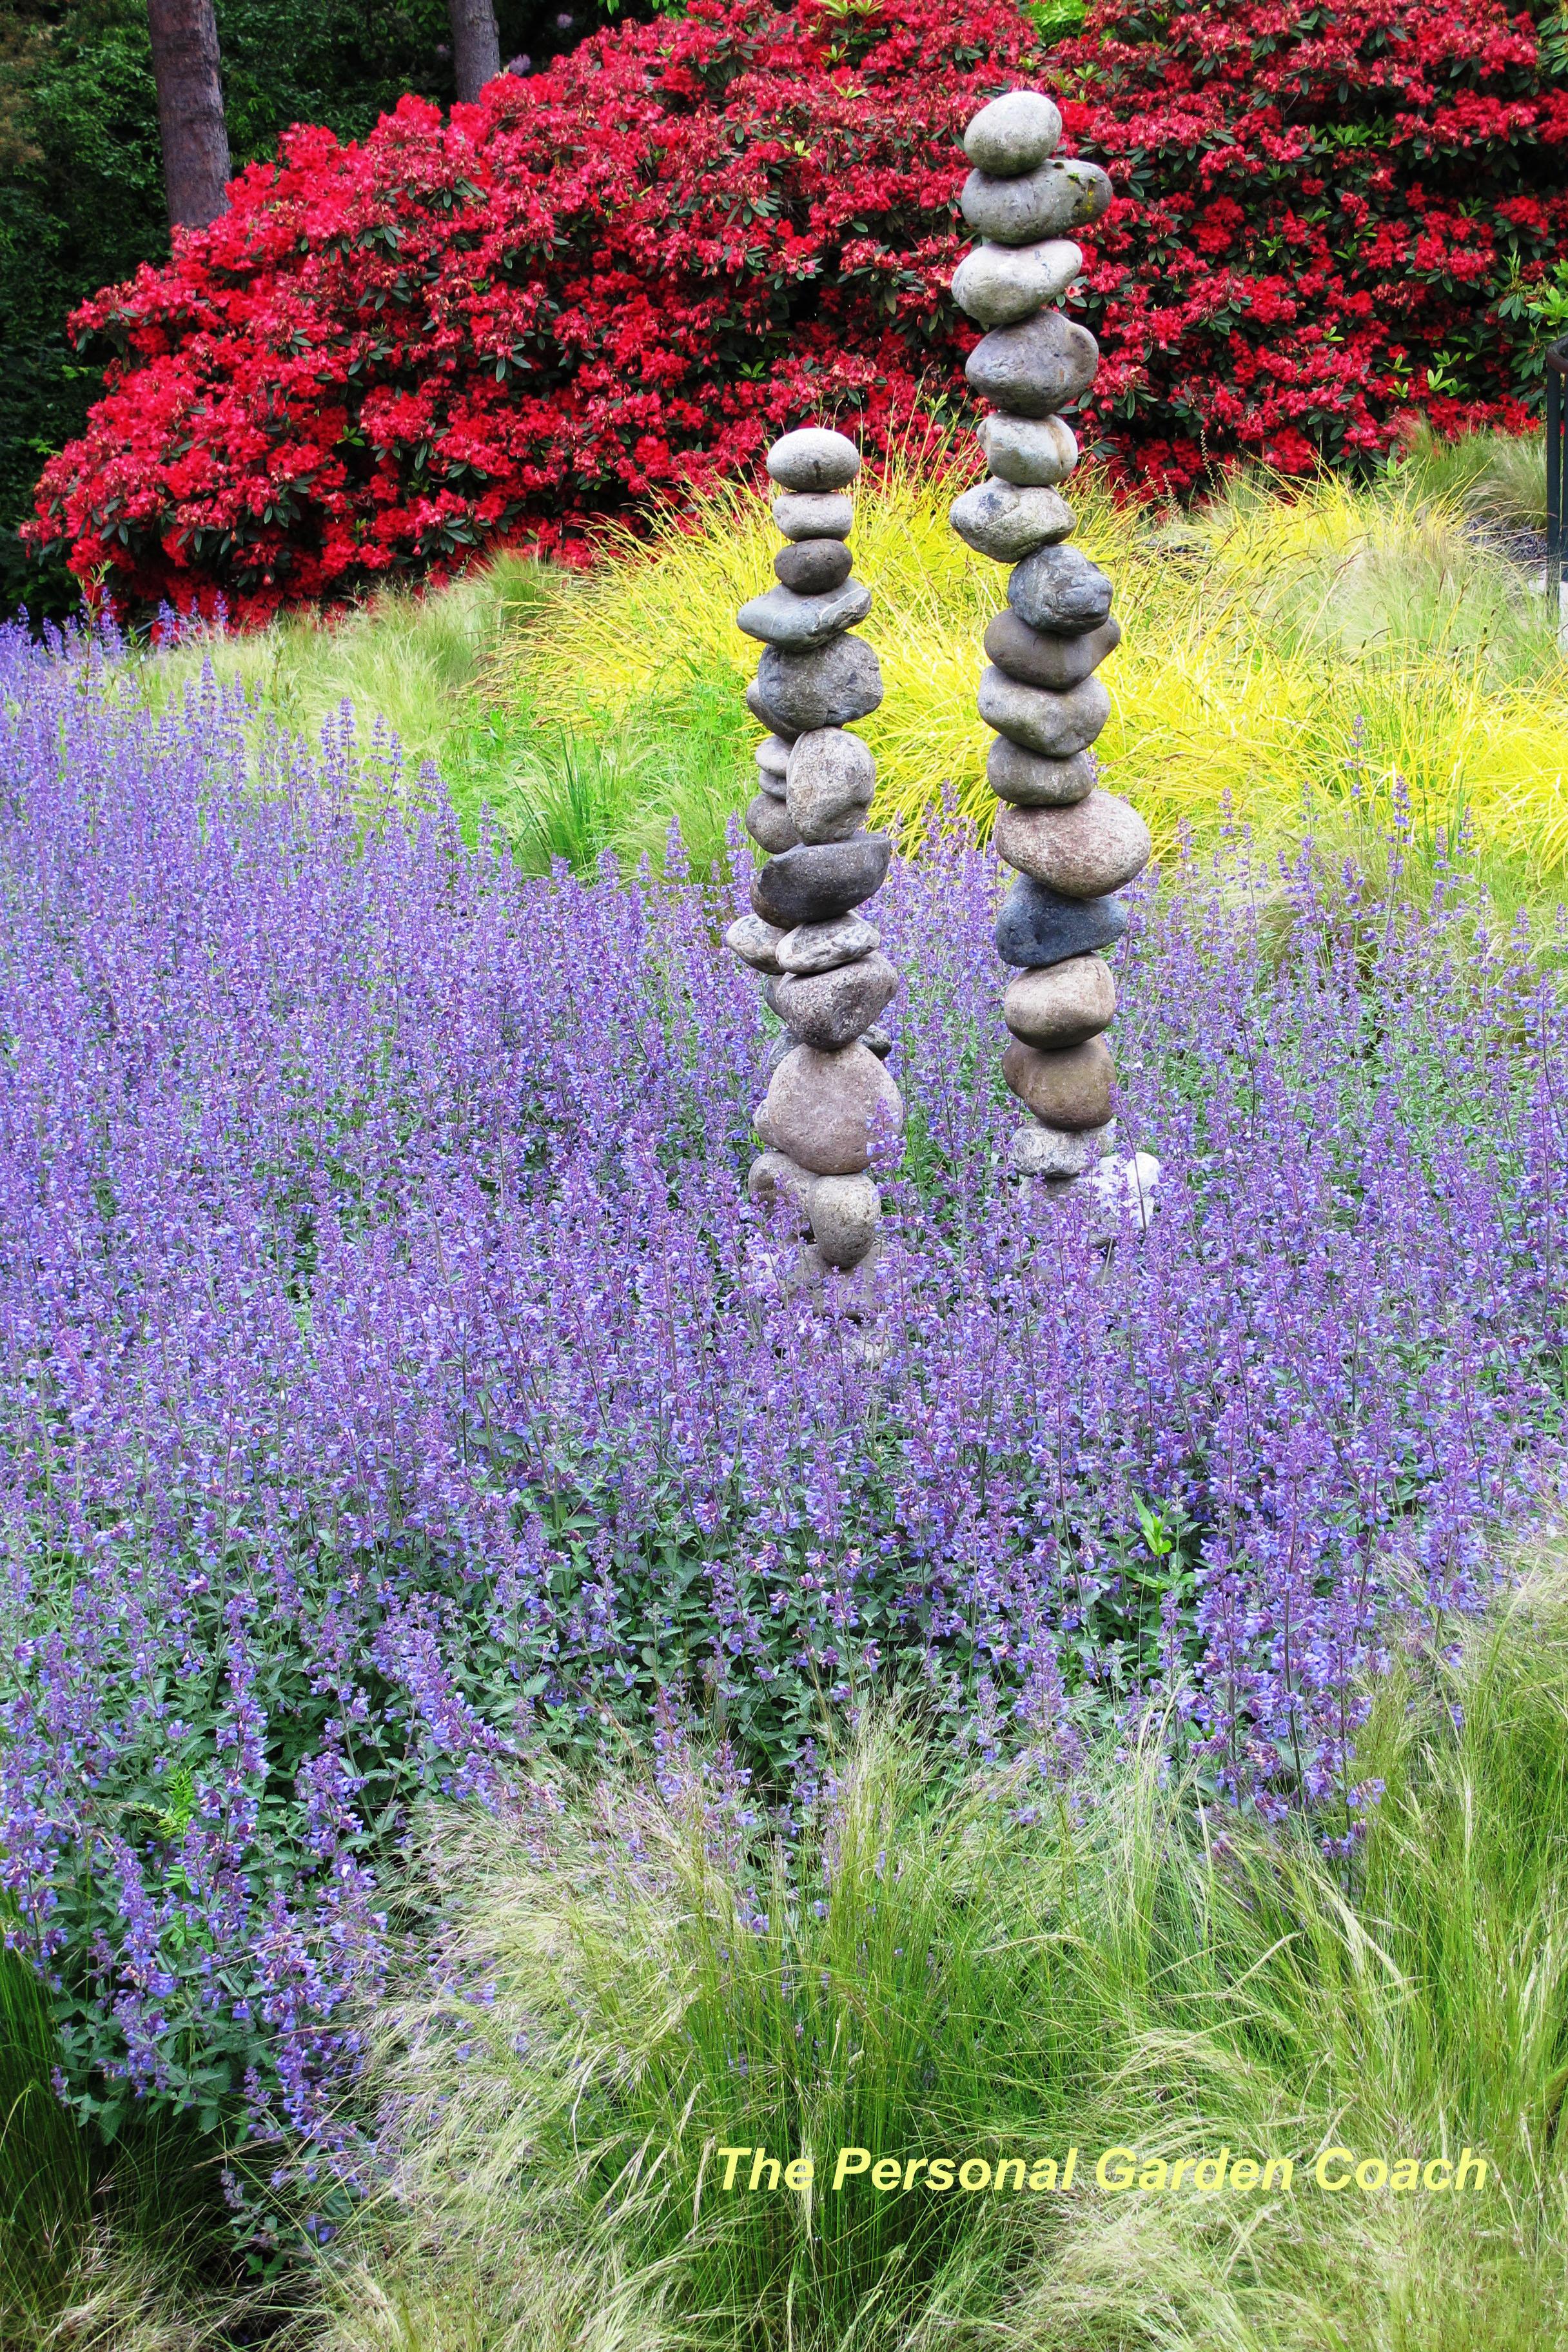 Garden Ideas 2012 garden designer's roundtable: ideas for adding texture to your